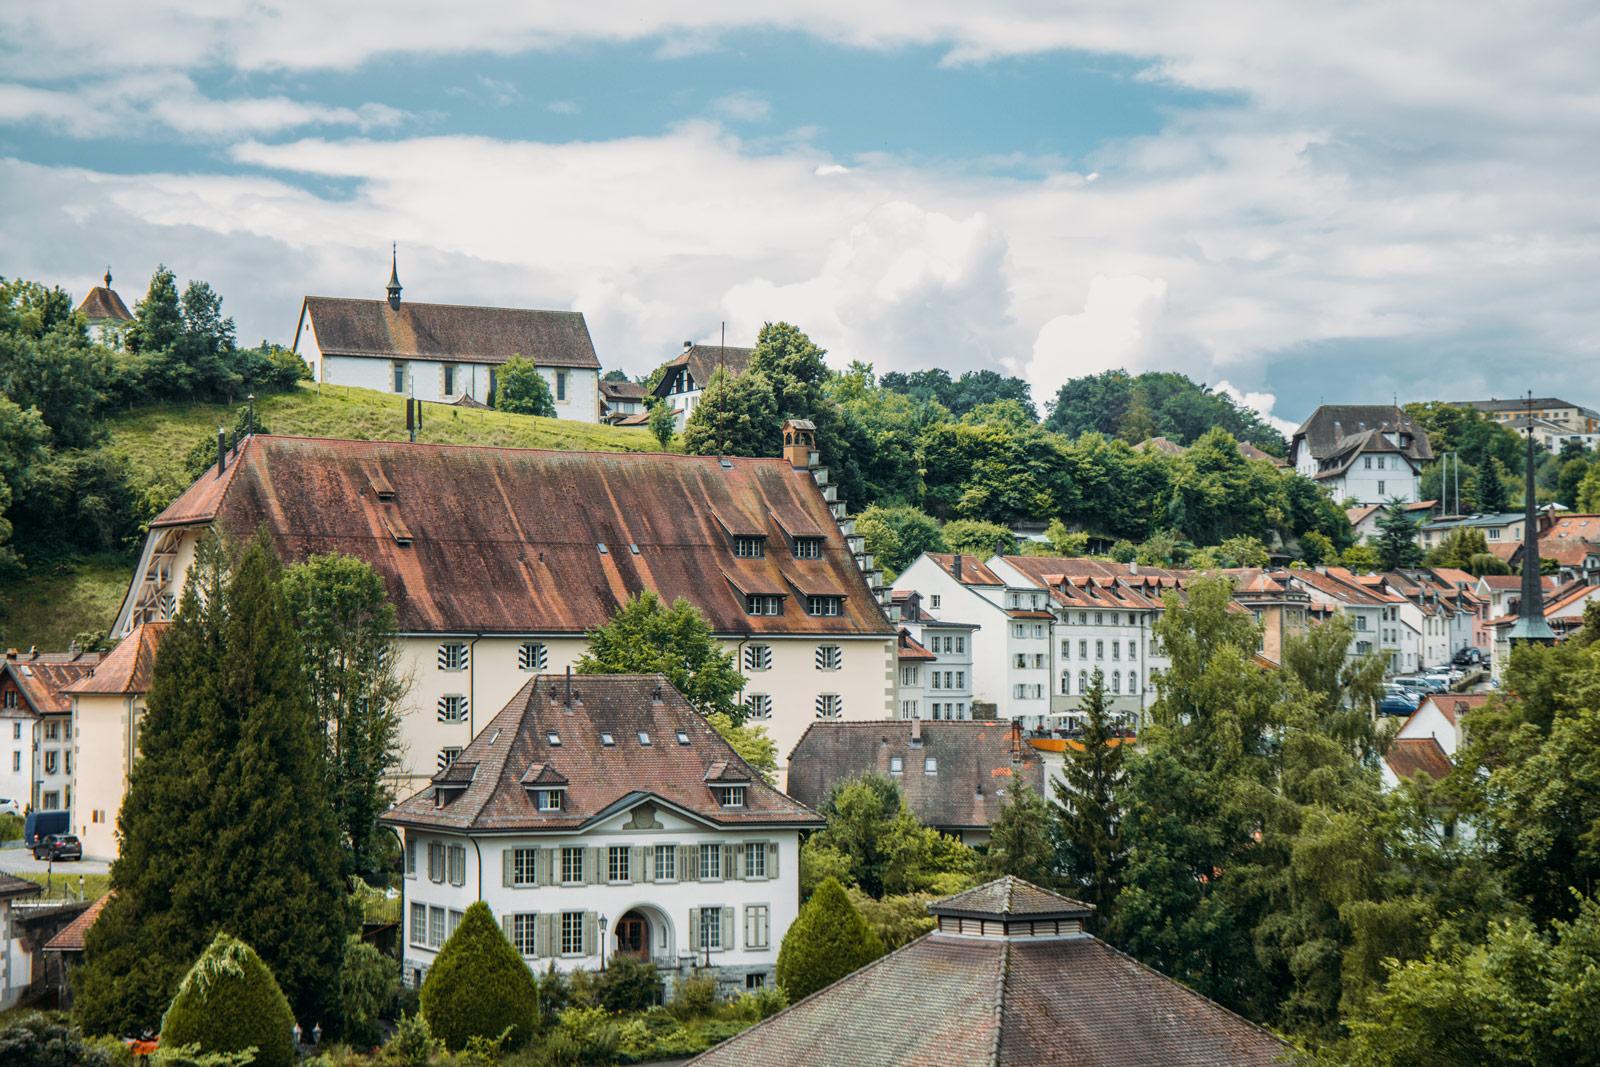 quartier de l'auge fribourg en suisse